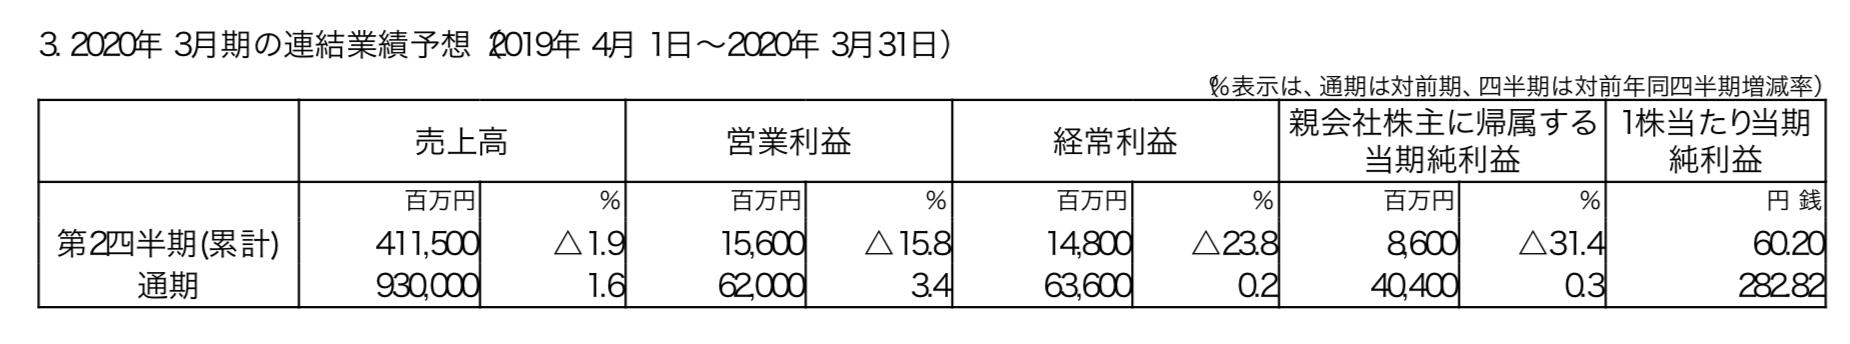 富士電機の今期末の予想